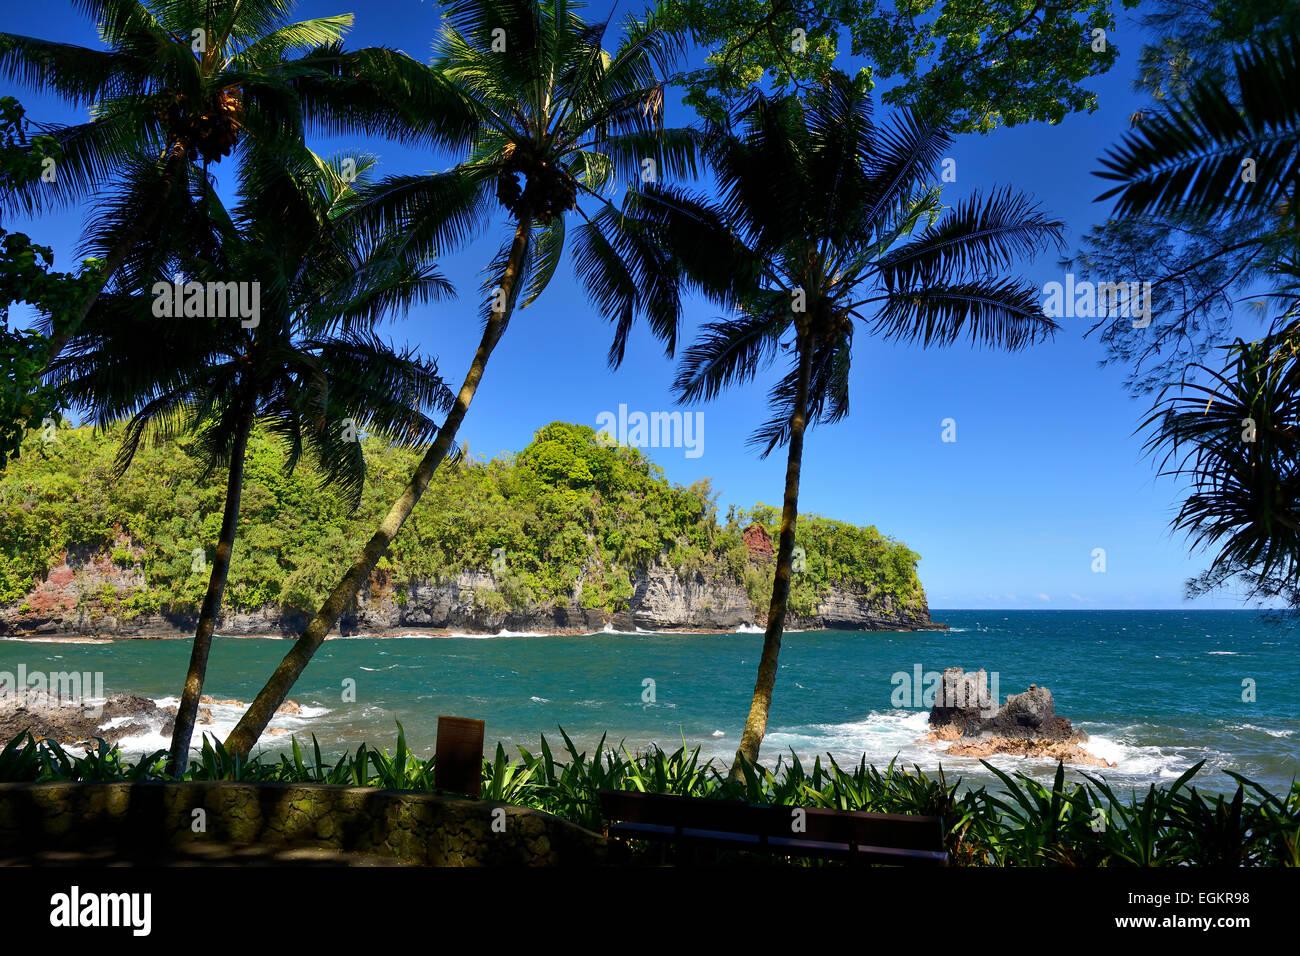 Vistas a la bahía Onomea desde el jardín botánico tropical de Hawaii, Big Island, Hawaii, EE.UU. Foto de stock